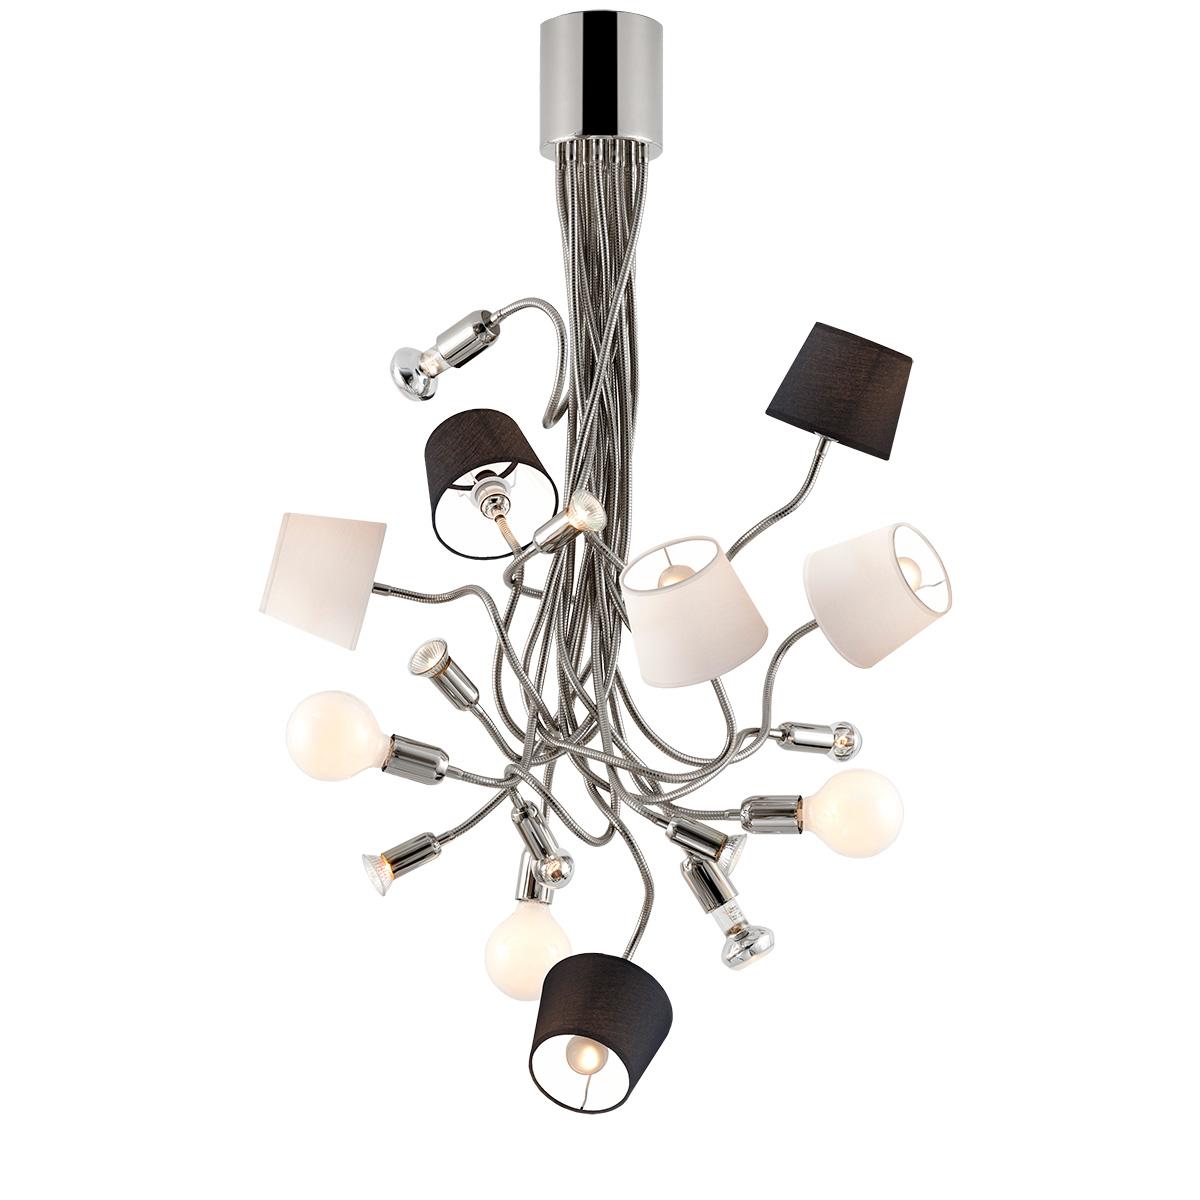 Μοντέρνο 17φωτο φωτιστικό με καπέλα FLEX modern 17-bulb chandelier with shades